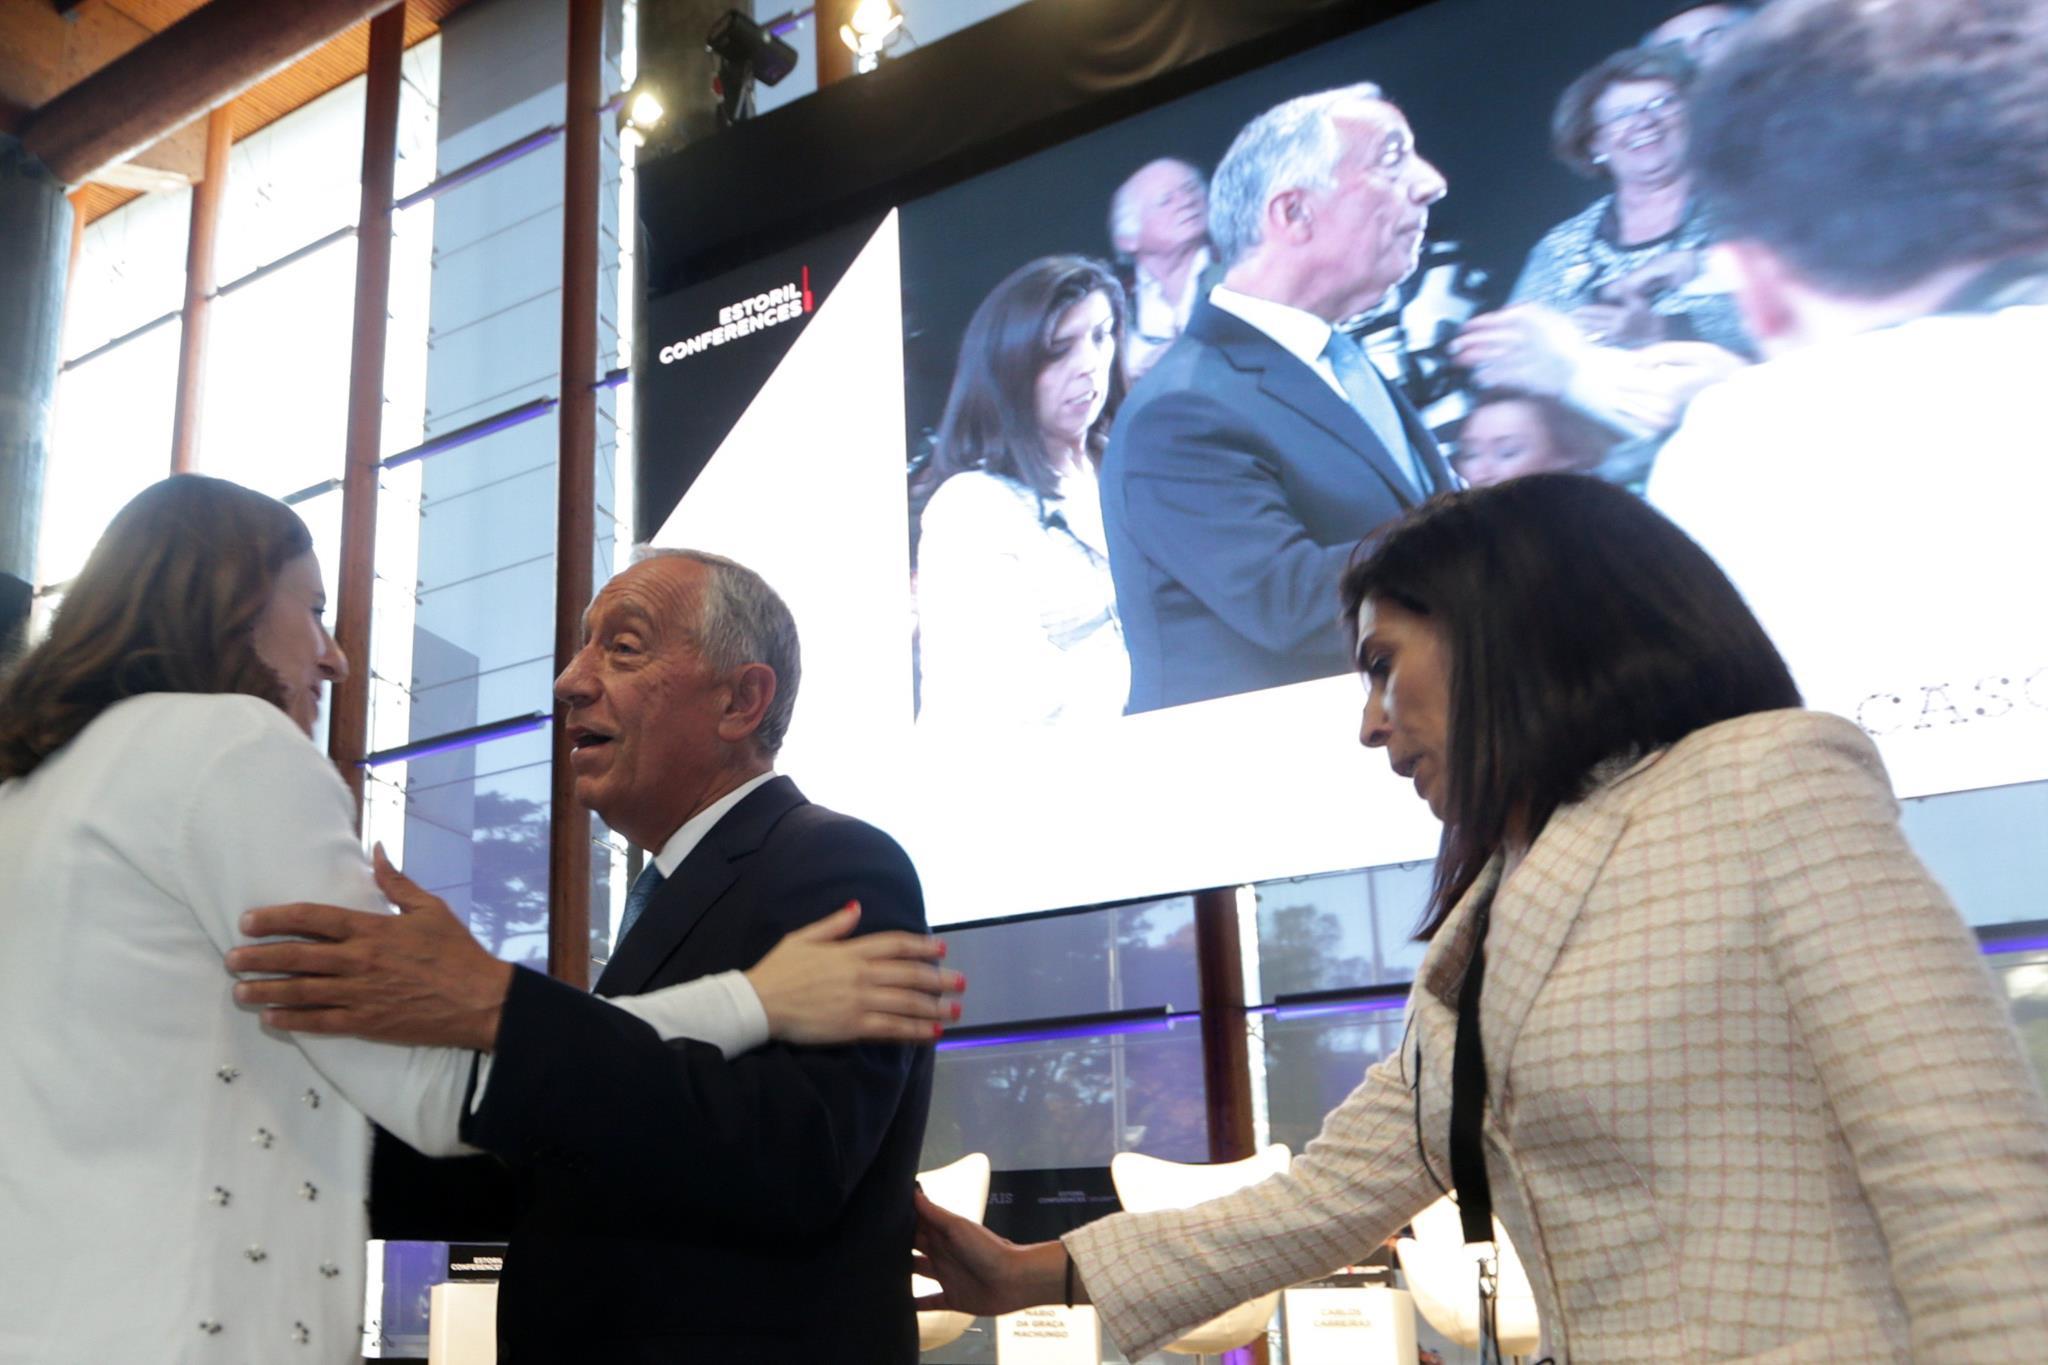 PÚBLICO - Conferências do Estoril propõem à ONU criação de um Passaporte de Segurança Global